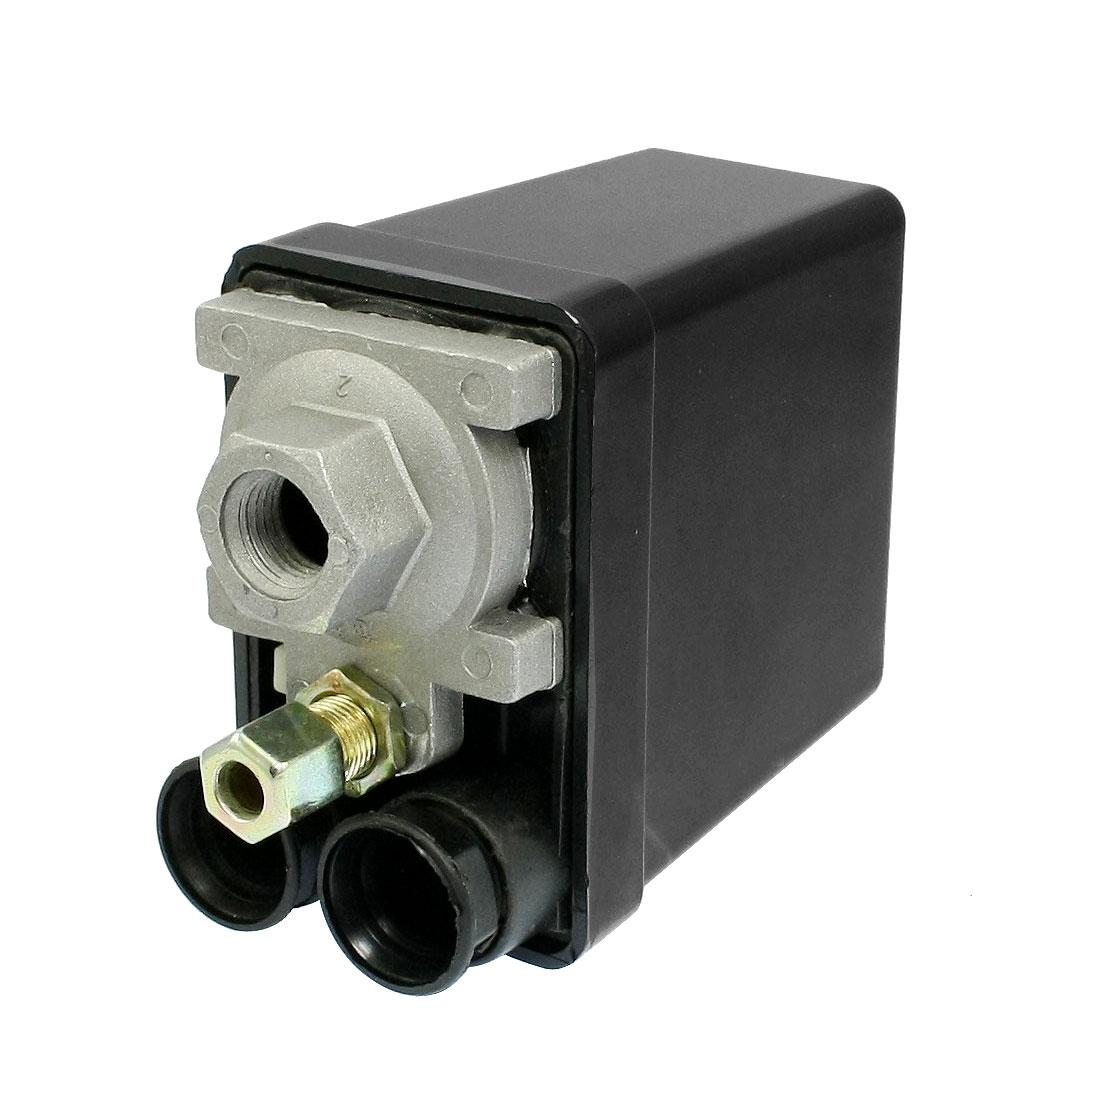 AC 240V 20A 175PSI 1-Port 1/4 NPT Pressure Switch Control Valve for Air Compressor